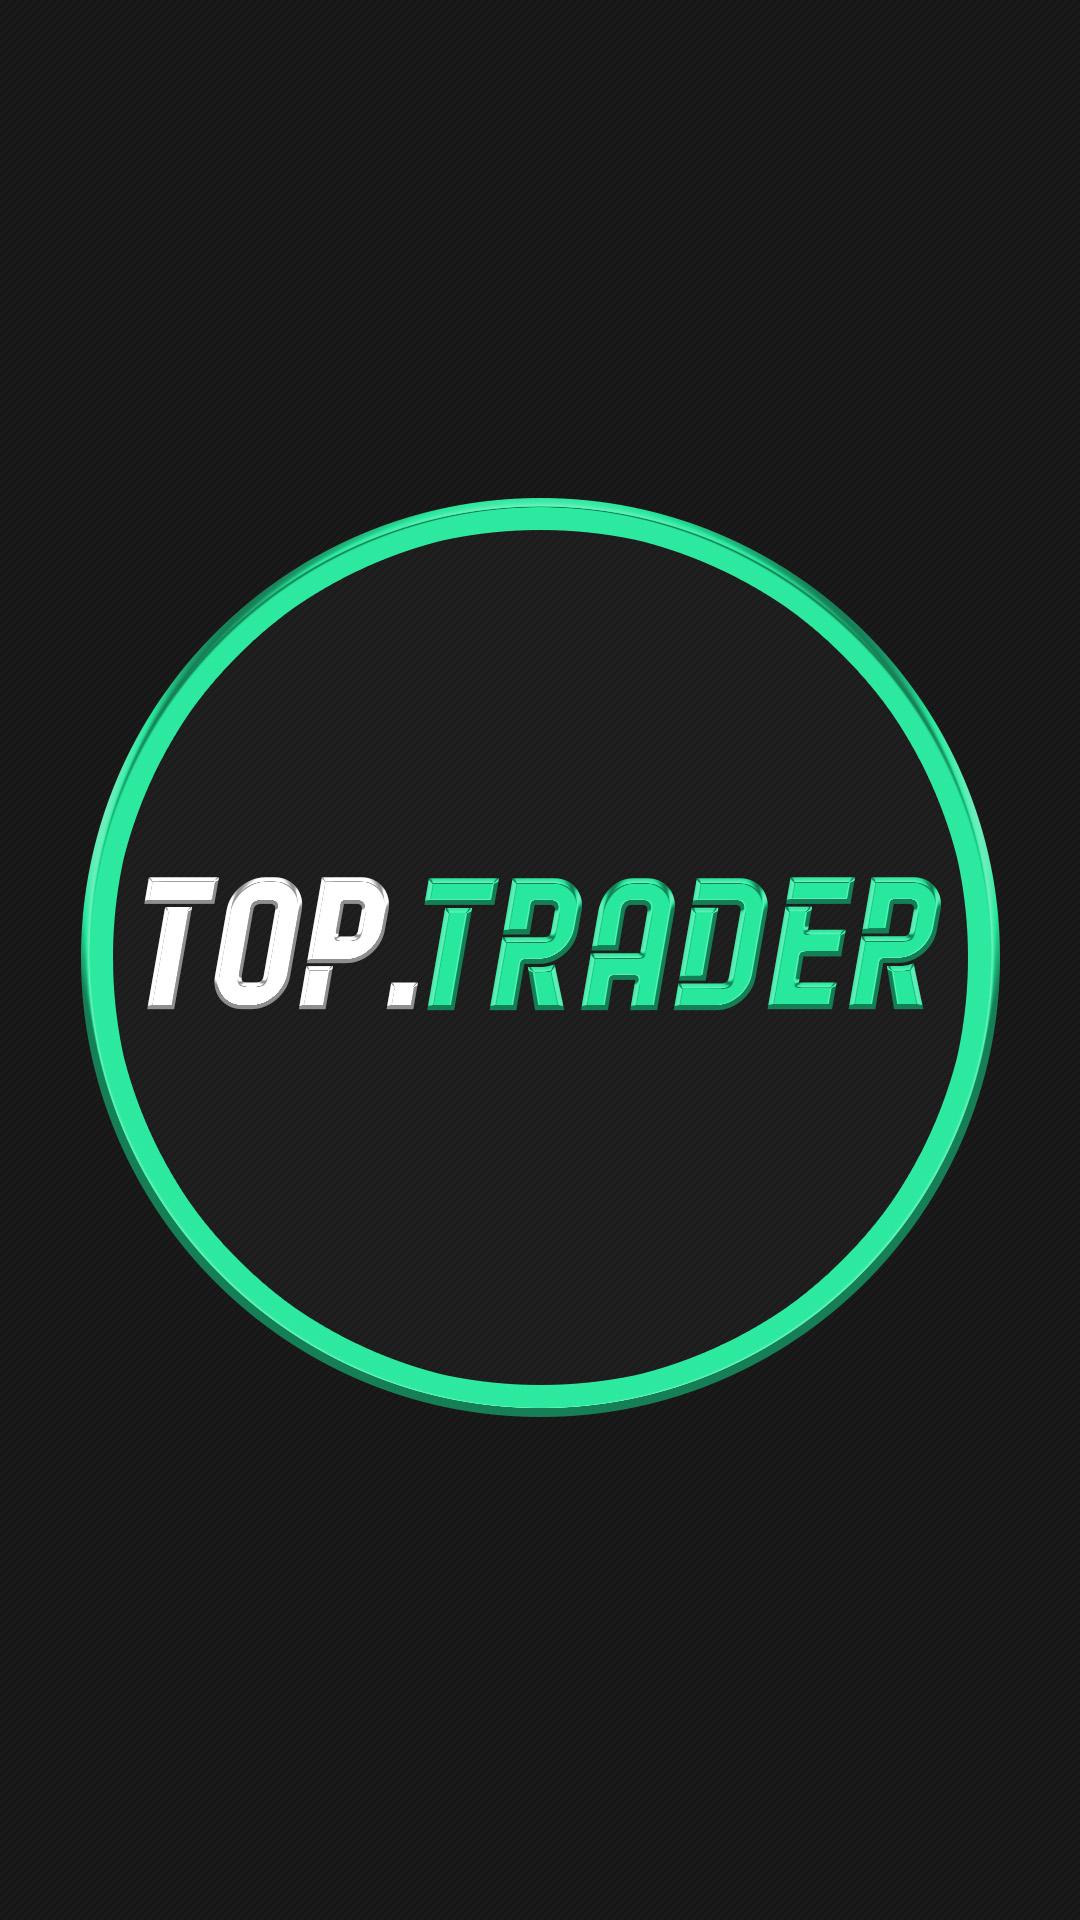 Top Trader